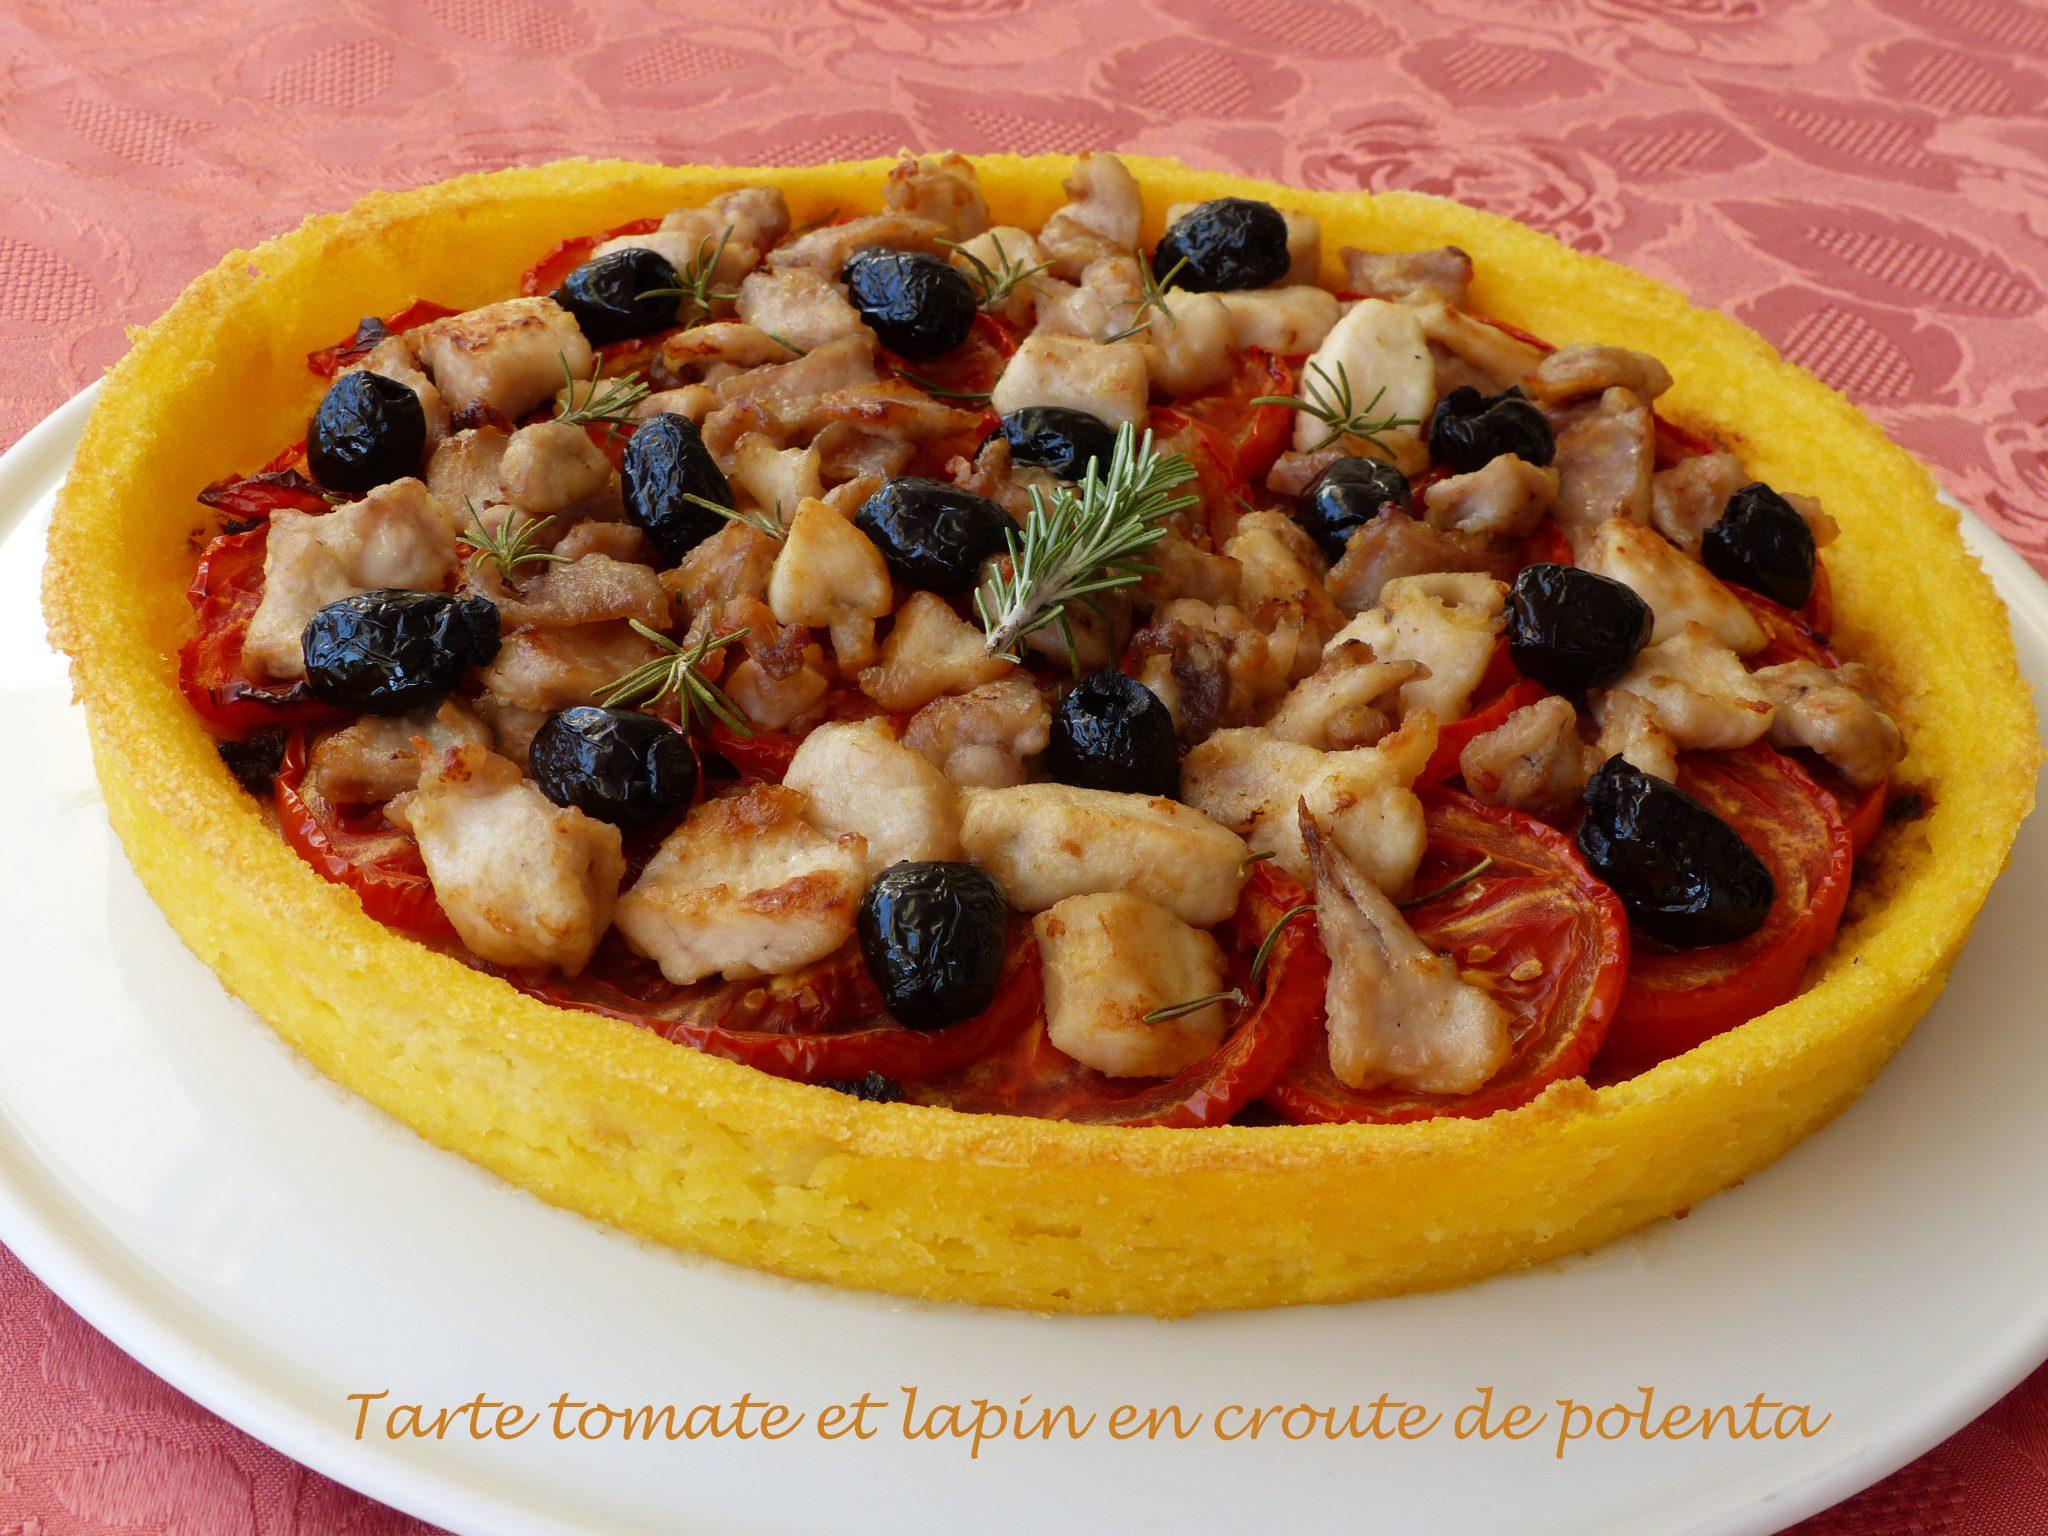 Tarte tomate et lapin en croute de polenta P1120461 R